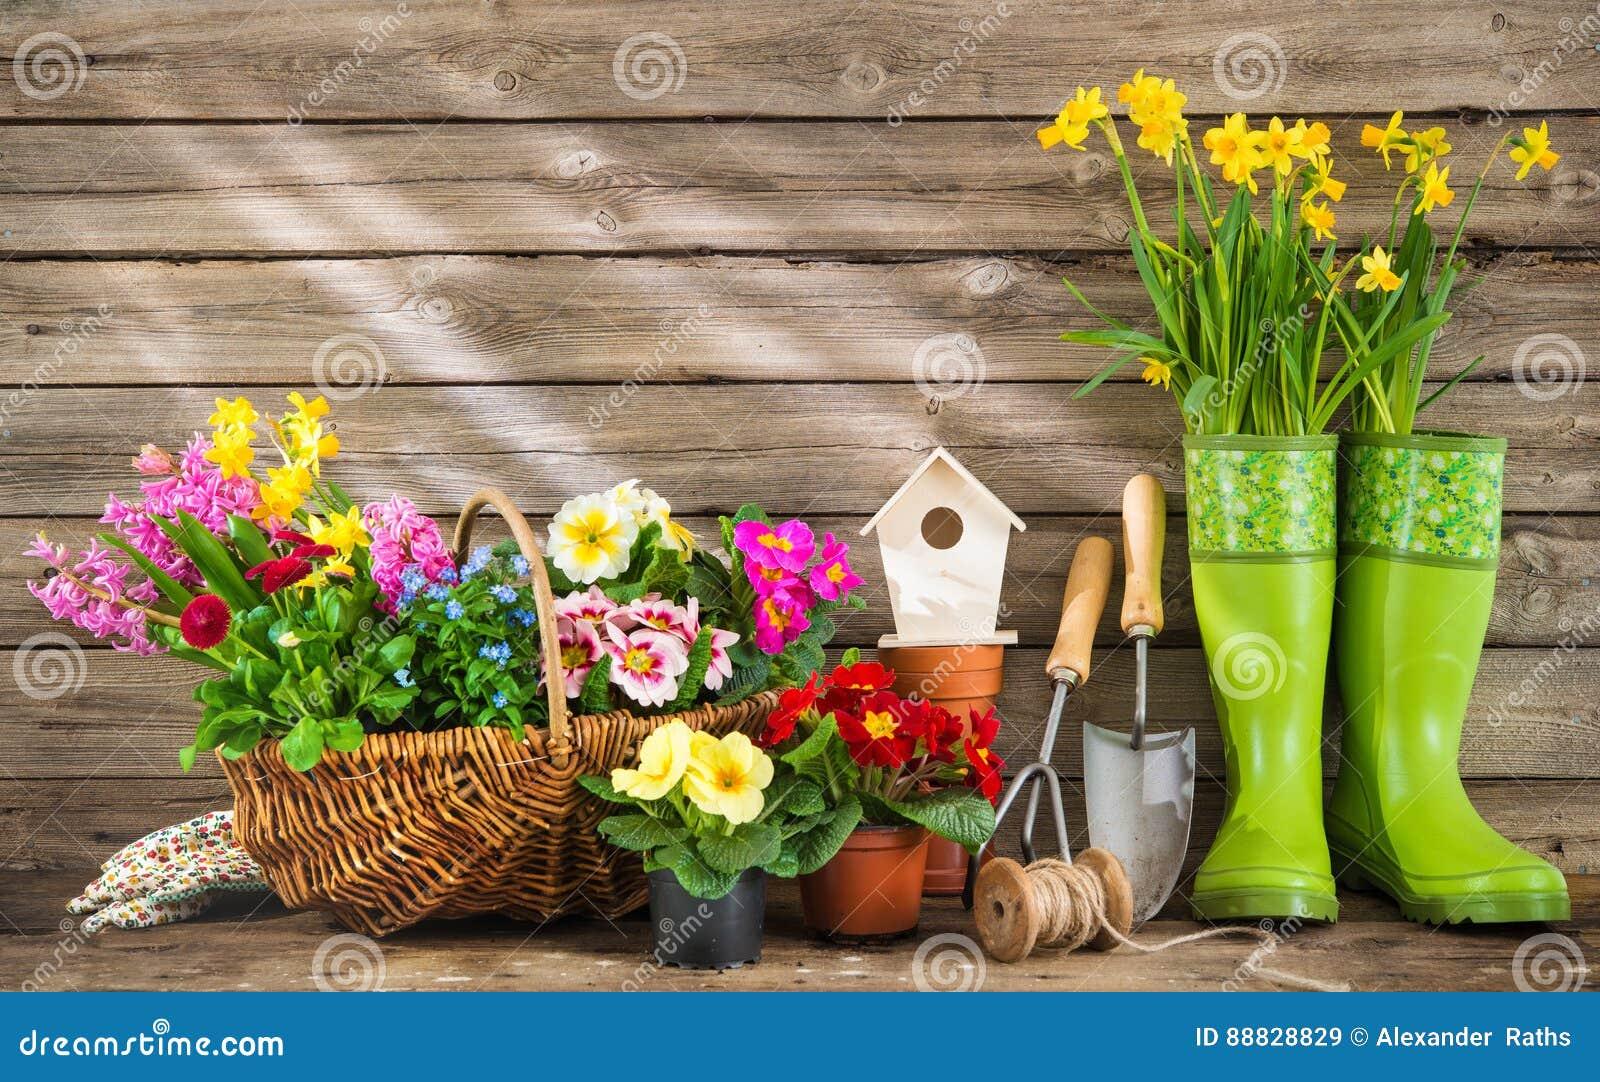 Giardinaggio E Fiori.Strumenti Di Giardinaggio E Fiori Della Molla Immagine Stock